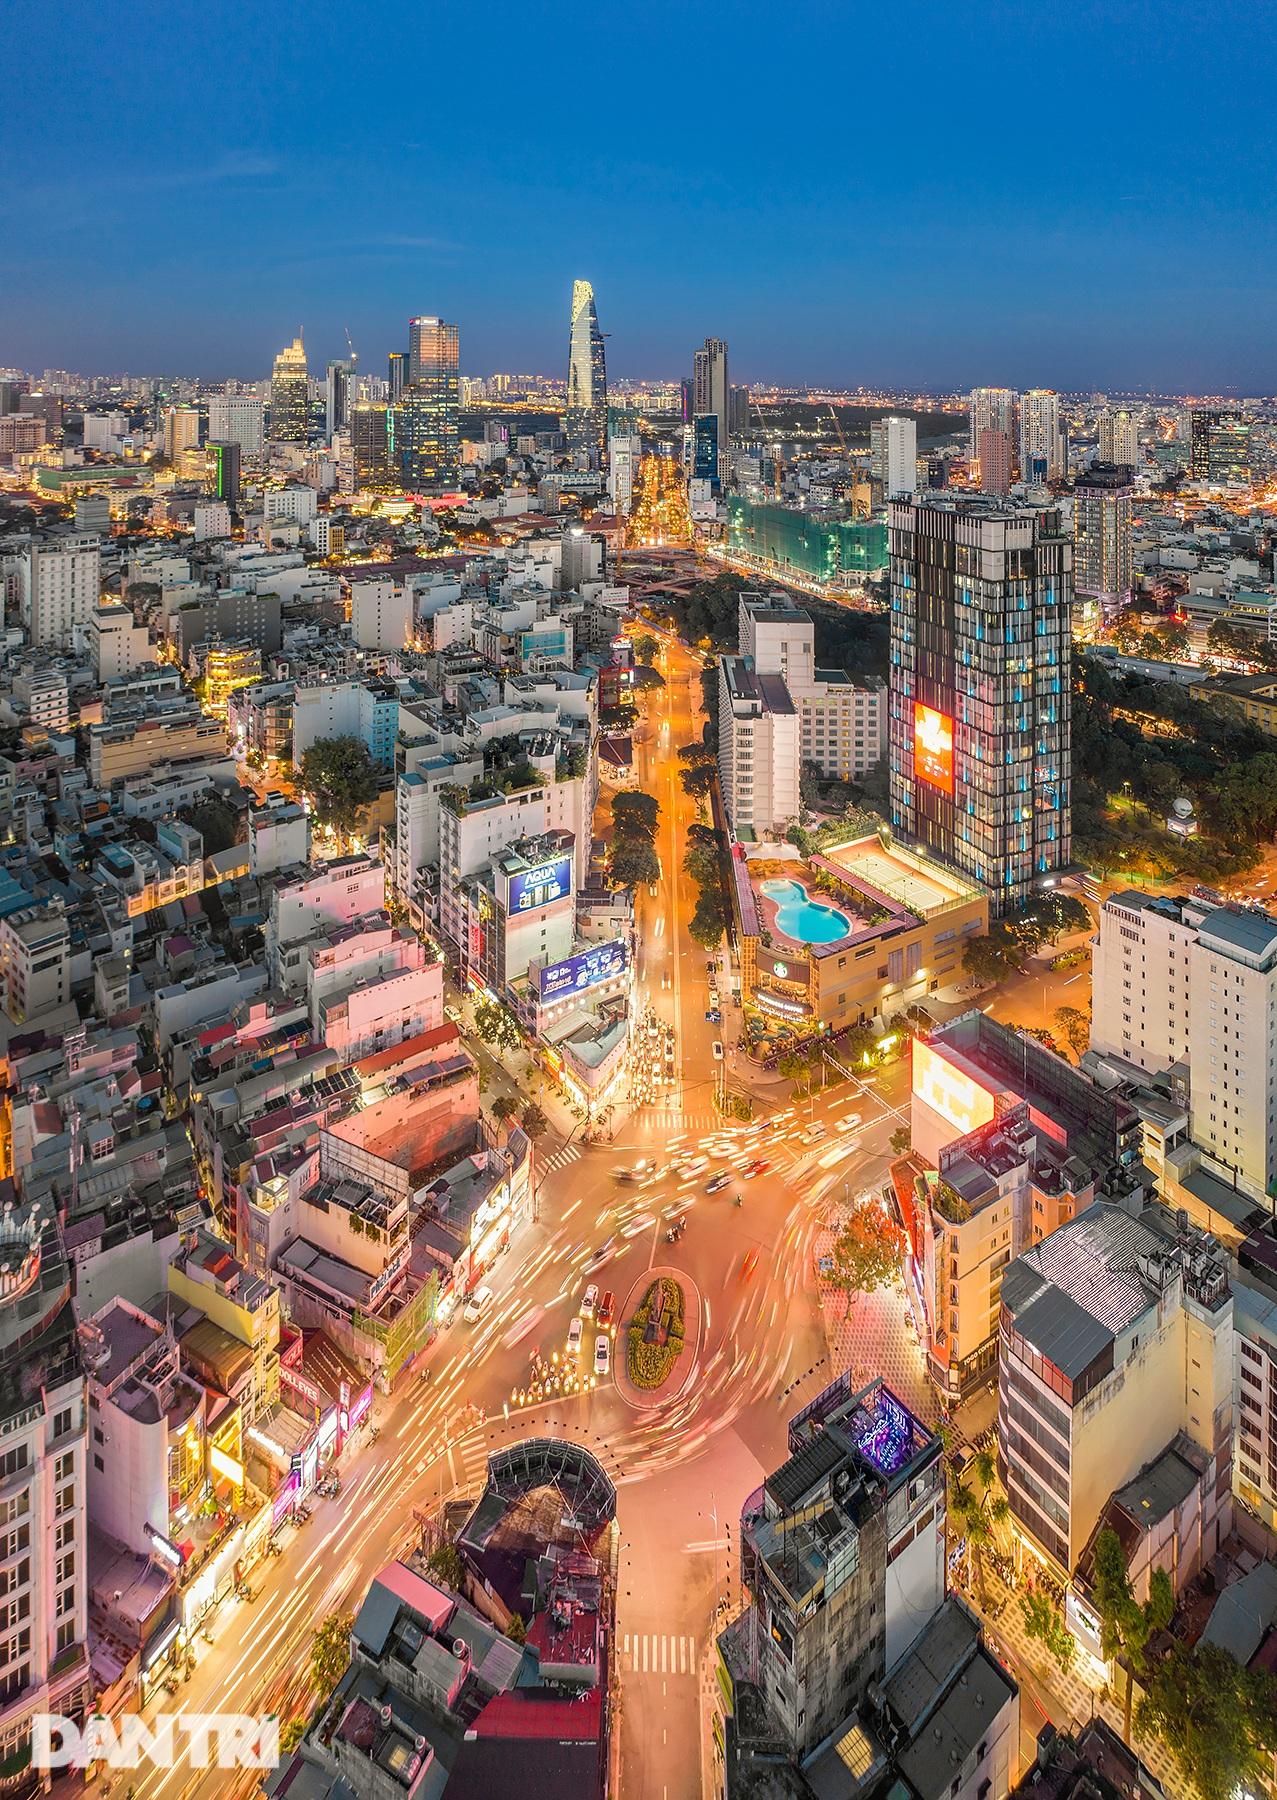 Thành phố Hồ Chí Minh - Vẻ đẹp của một Siêu đô thị hiện đại - 15